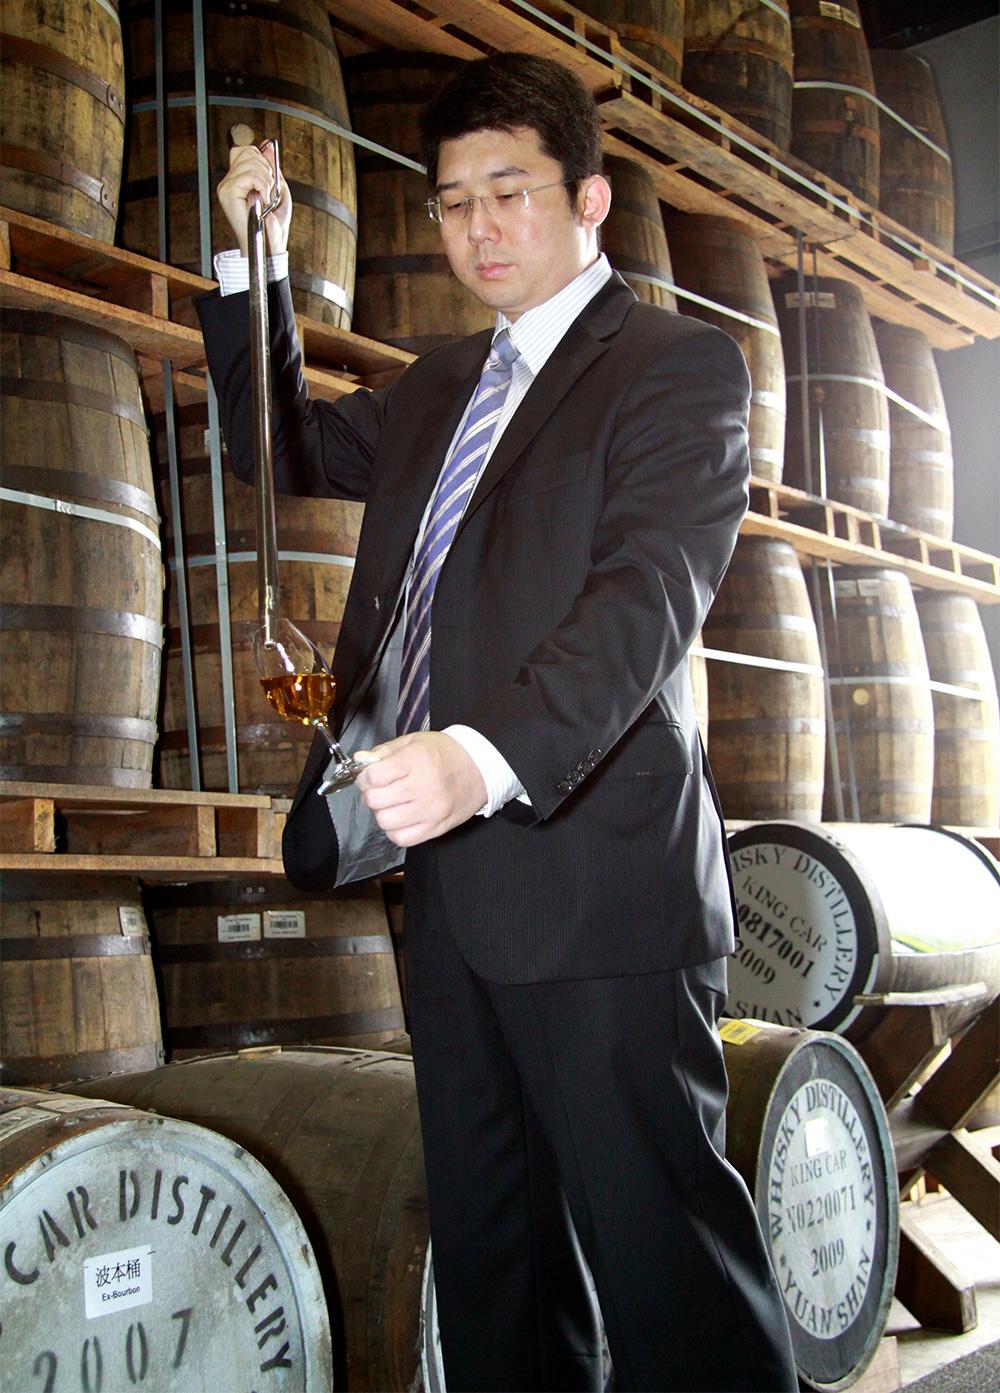 Мастер дистилляции винокурни Kavalan Ян Ченг ( Ian Chang)